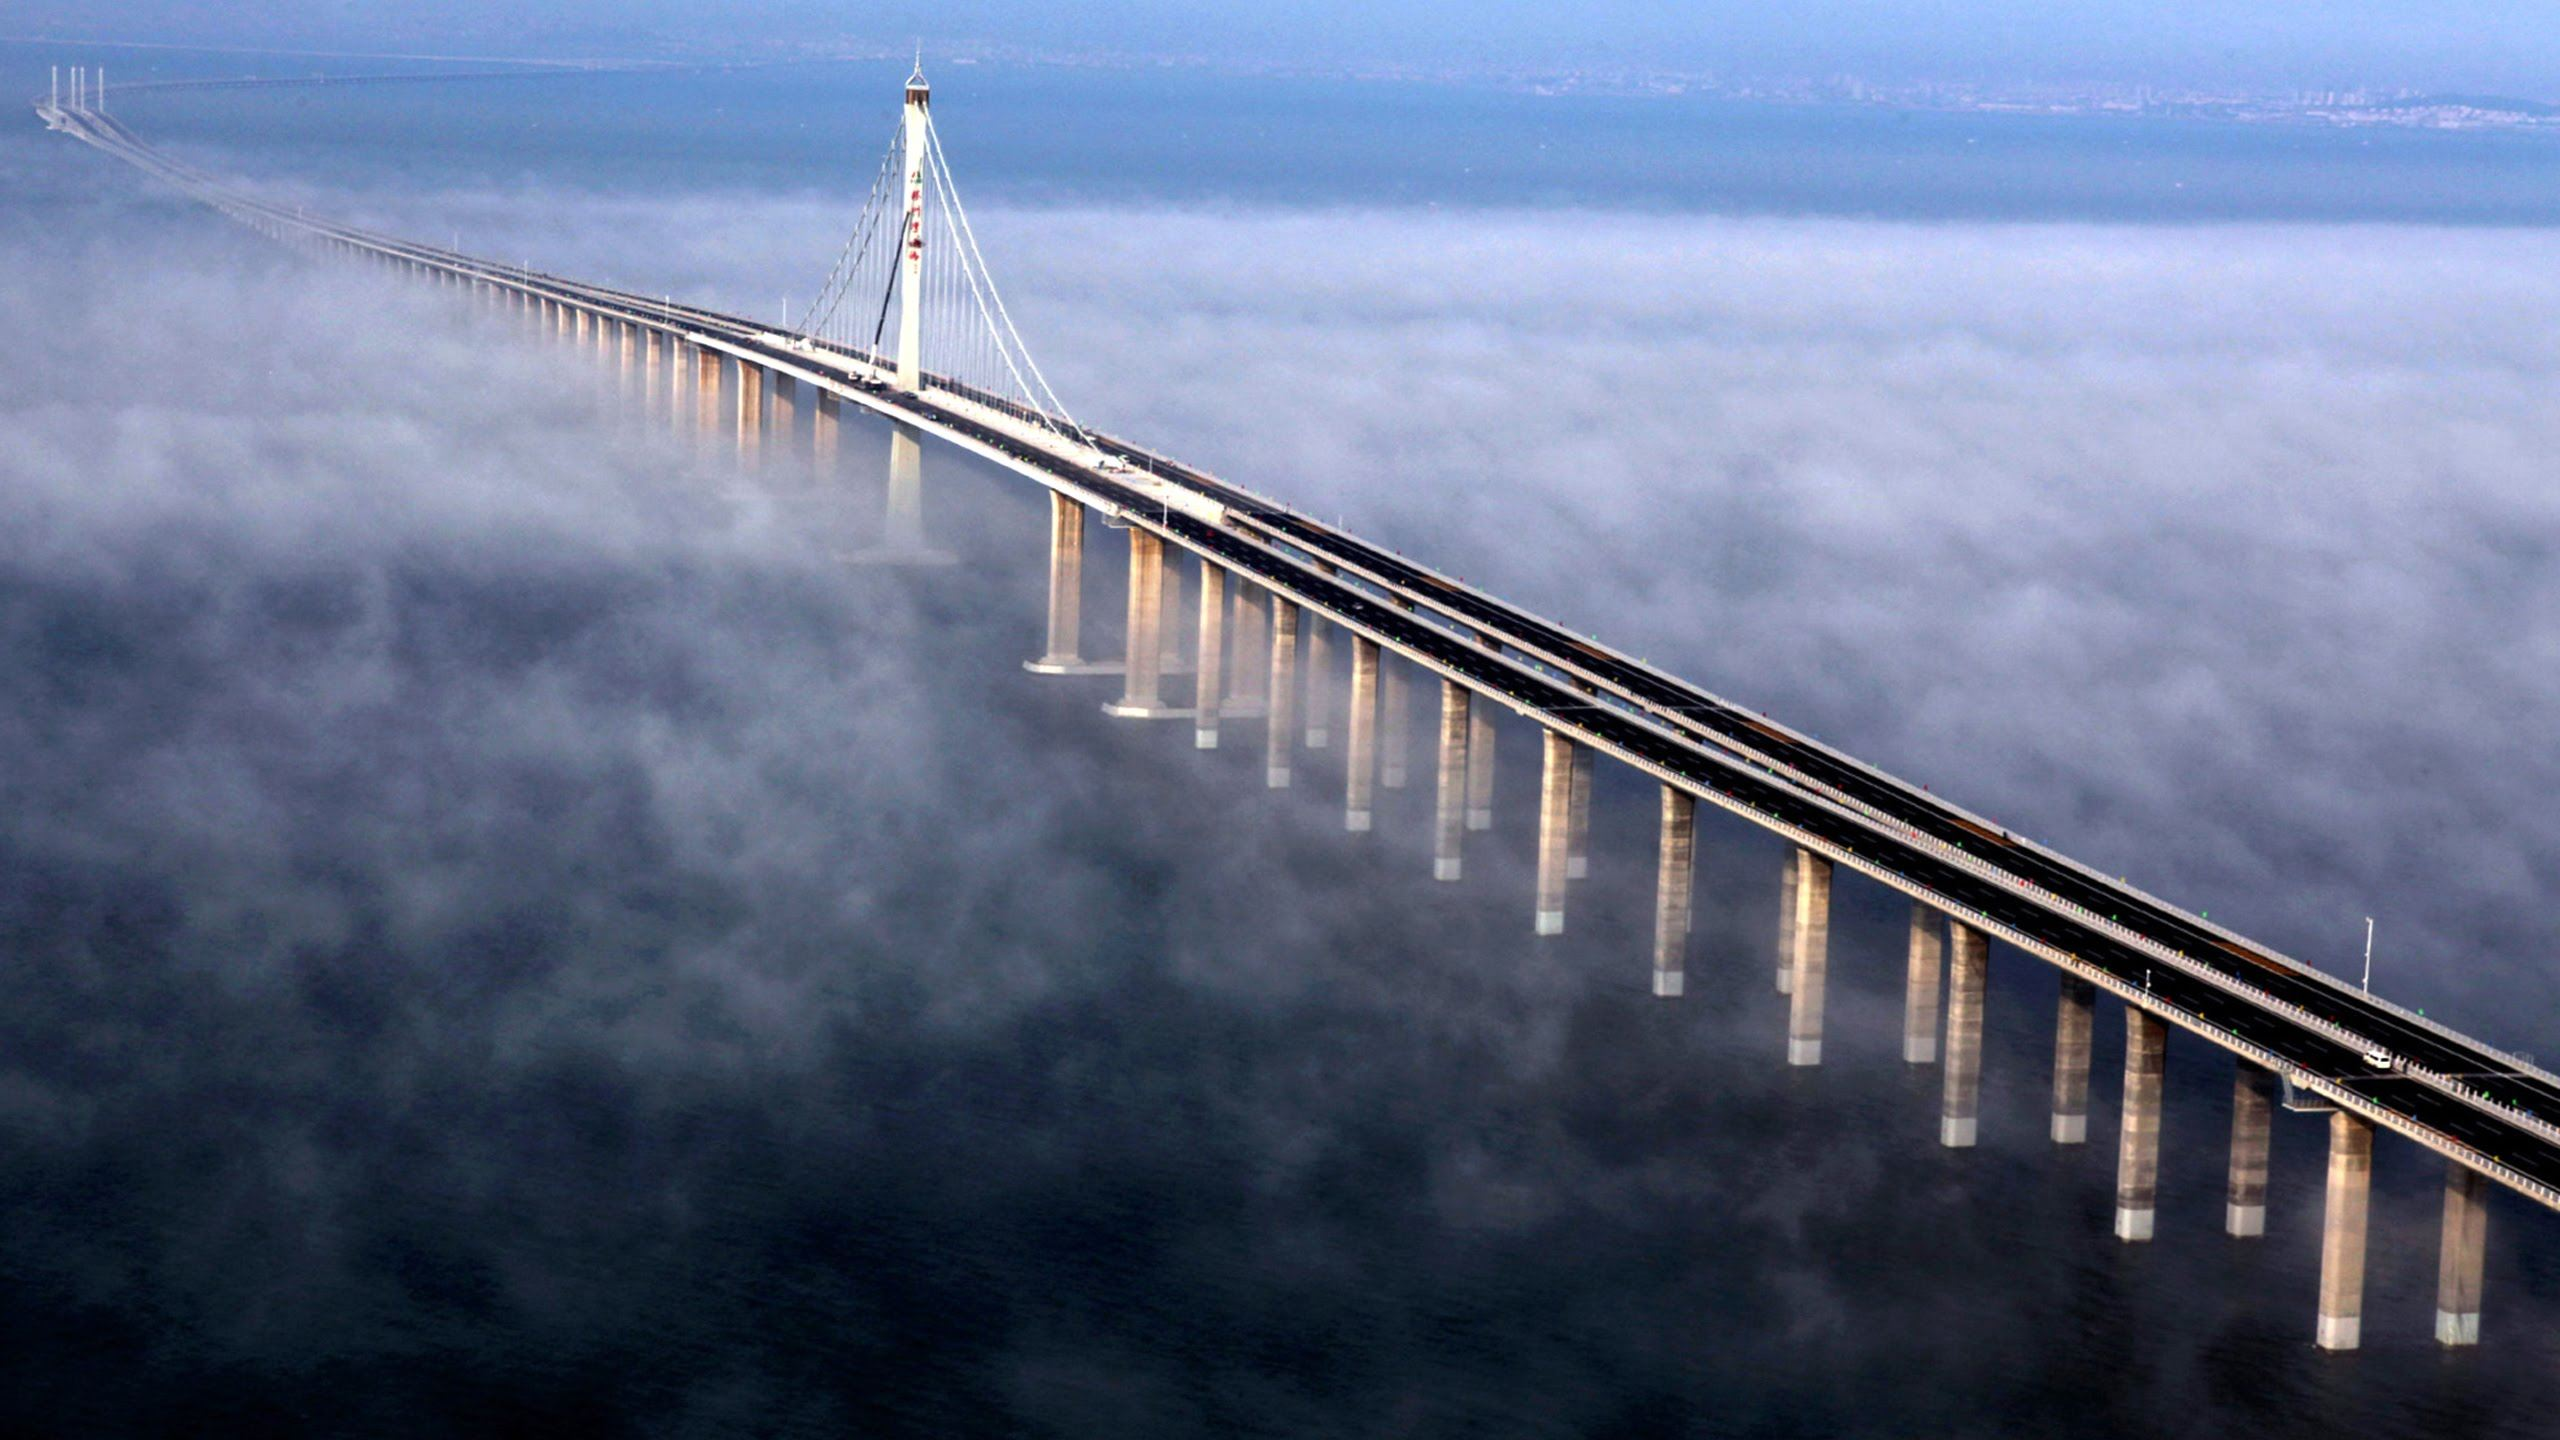 Jambatan Laut Terpanjang Dibina Dengan 420,000 Tan Besi, Cukup Untuk Bina Eiffel Tower